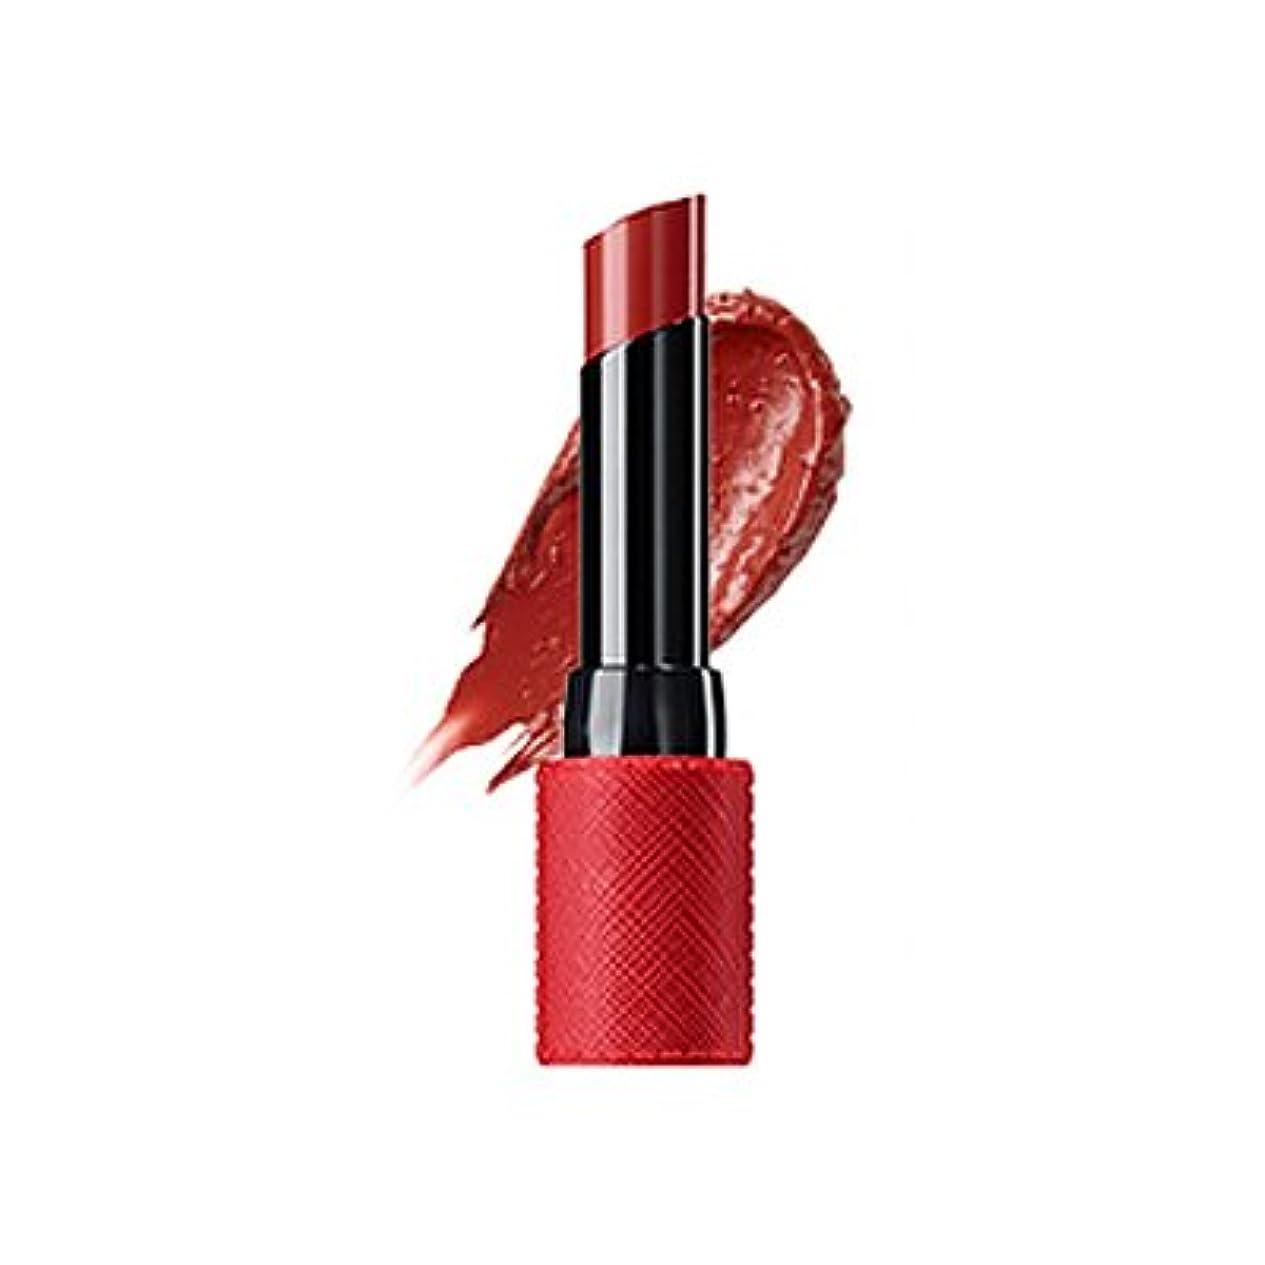 空気モナリザブレーク【The Saem】ザセム キスホリック リップスティック S レッドブリック/Kissholic Lipstick S Red Brick / RD06